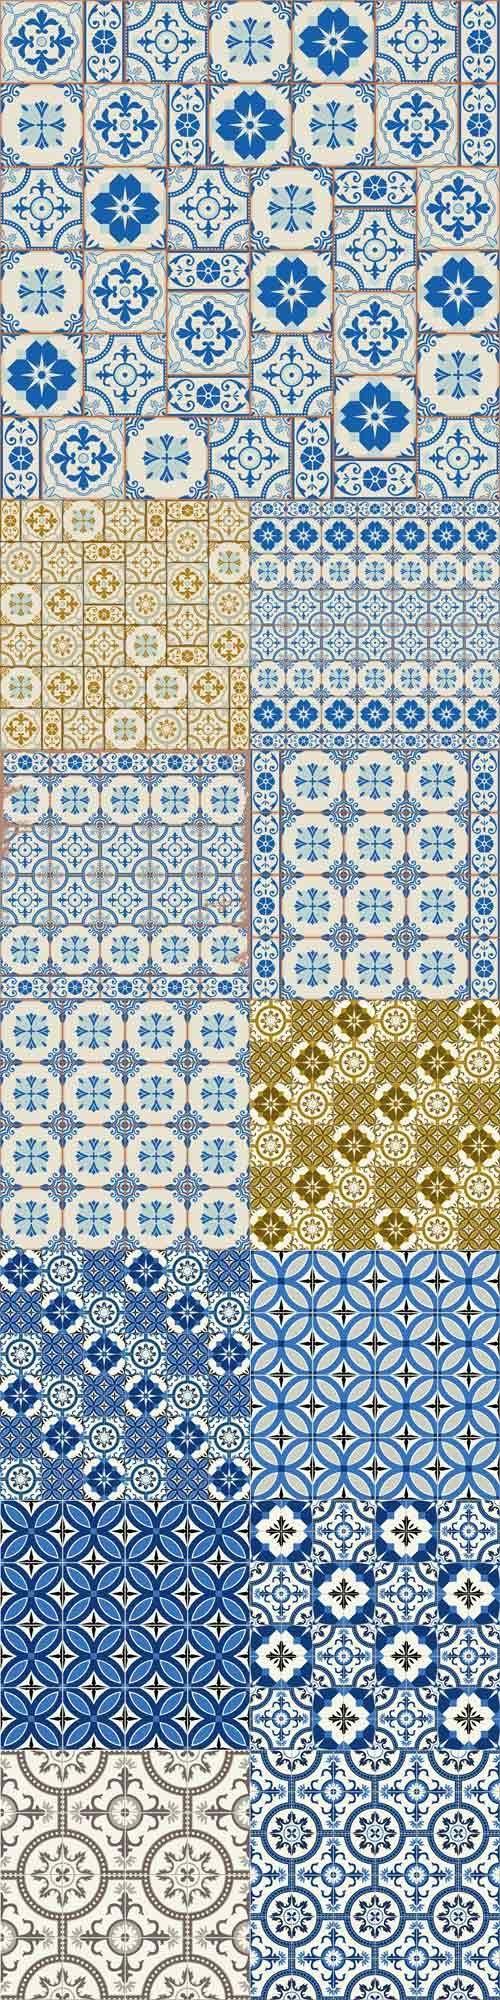 Die besten 25 marokkanische tapete ideen auf pinterest for Tapete orientalisch turkis